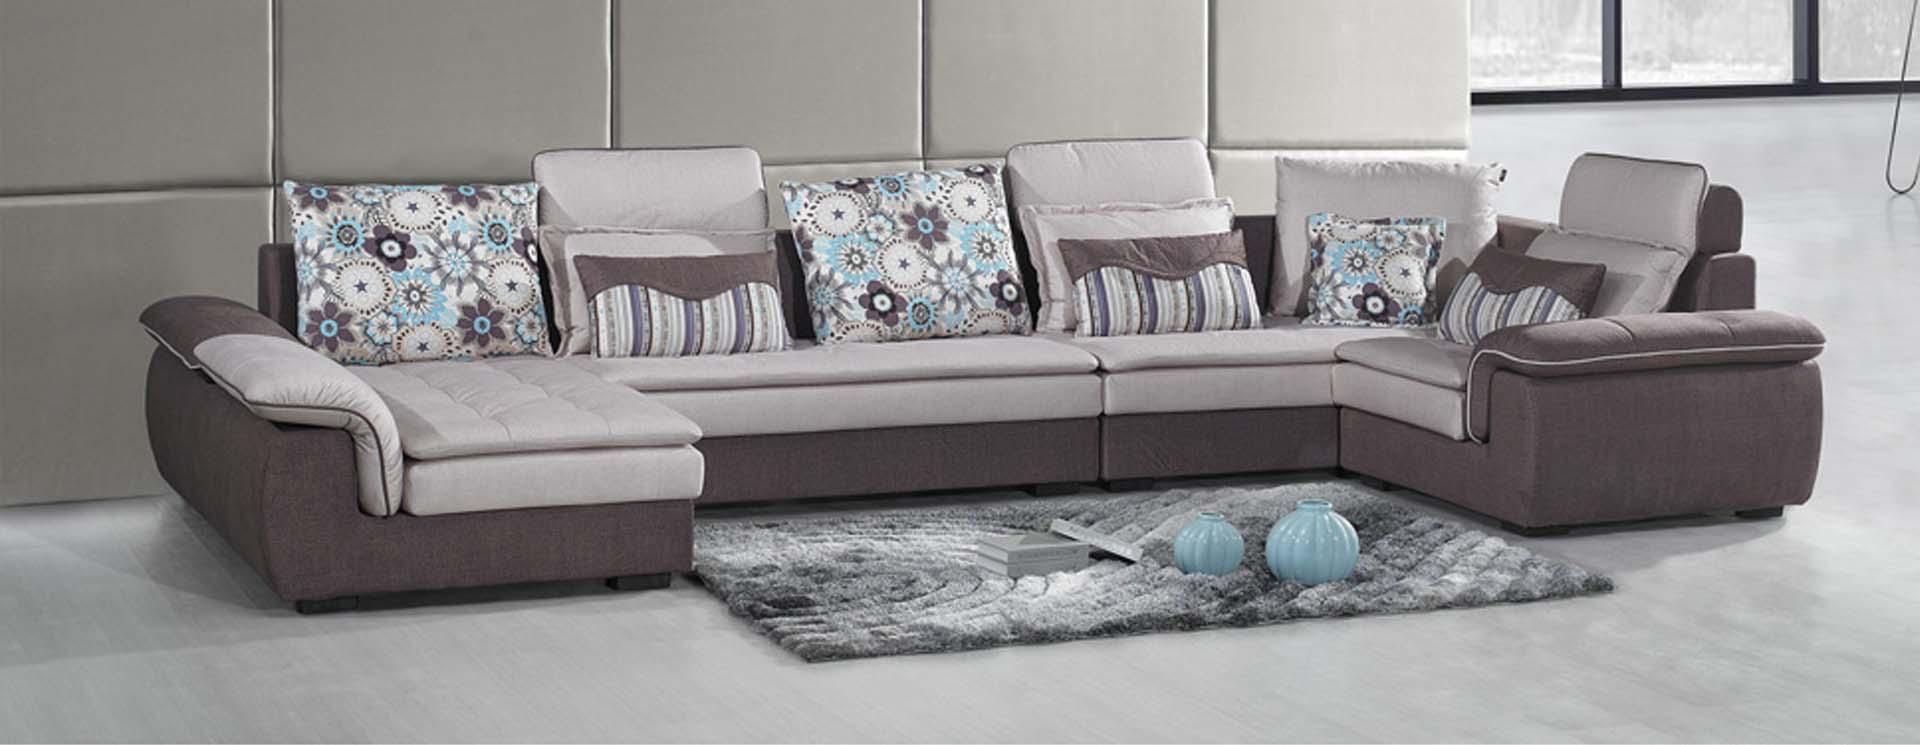 名称:沙发A-5A<br/> 市场价:<font style='color:#999;text-decoration:line-through;'>¥0</font><br />全国统一零售价:<font color='Red'>¥0.0</font>